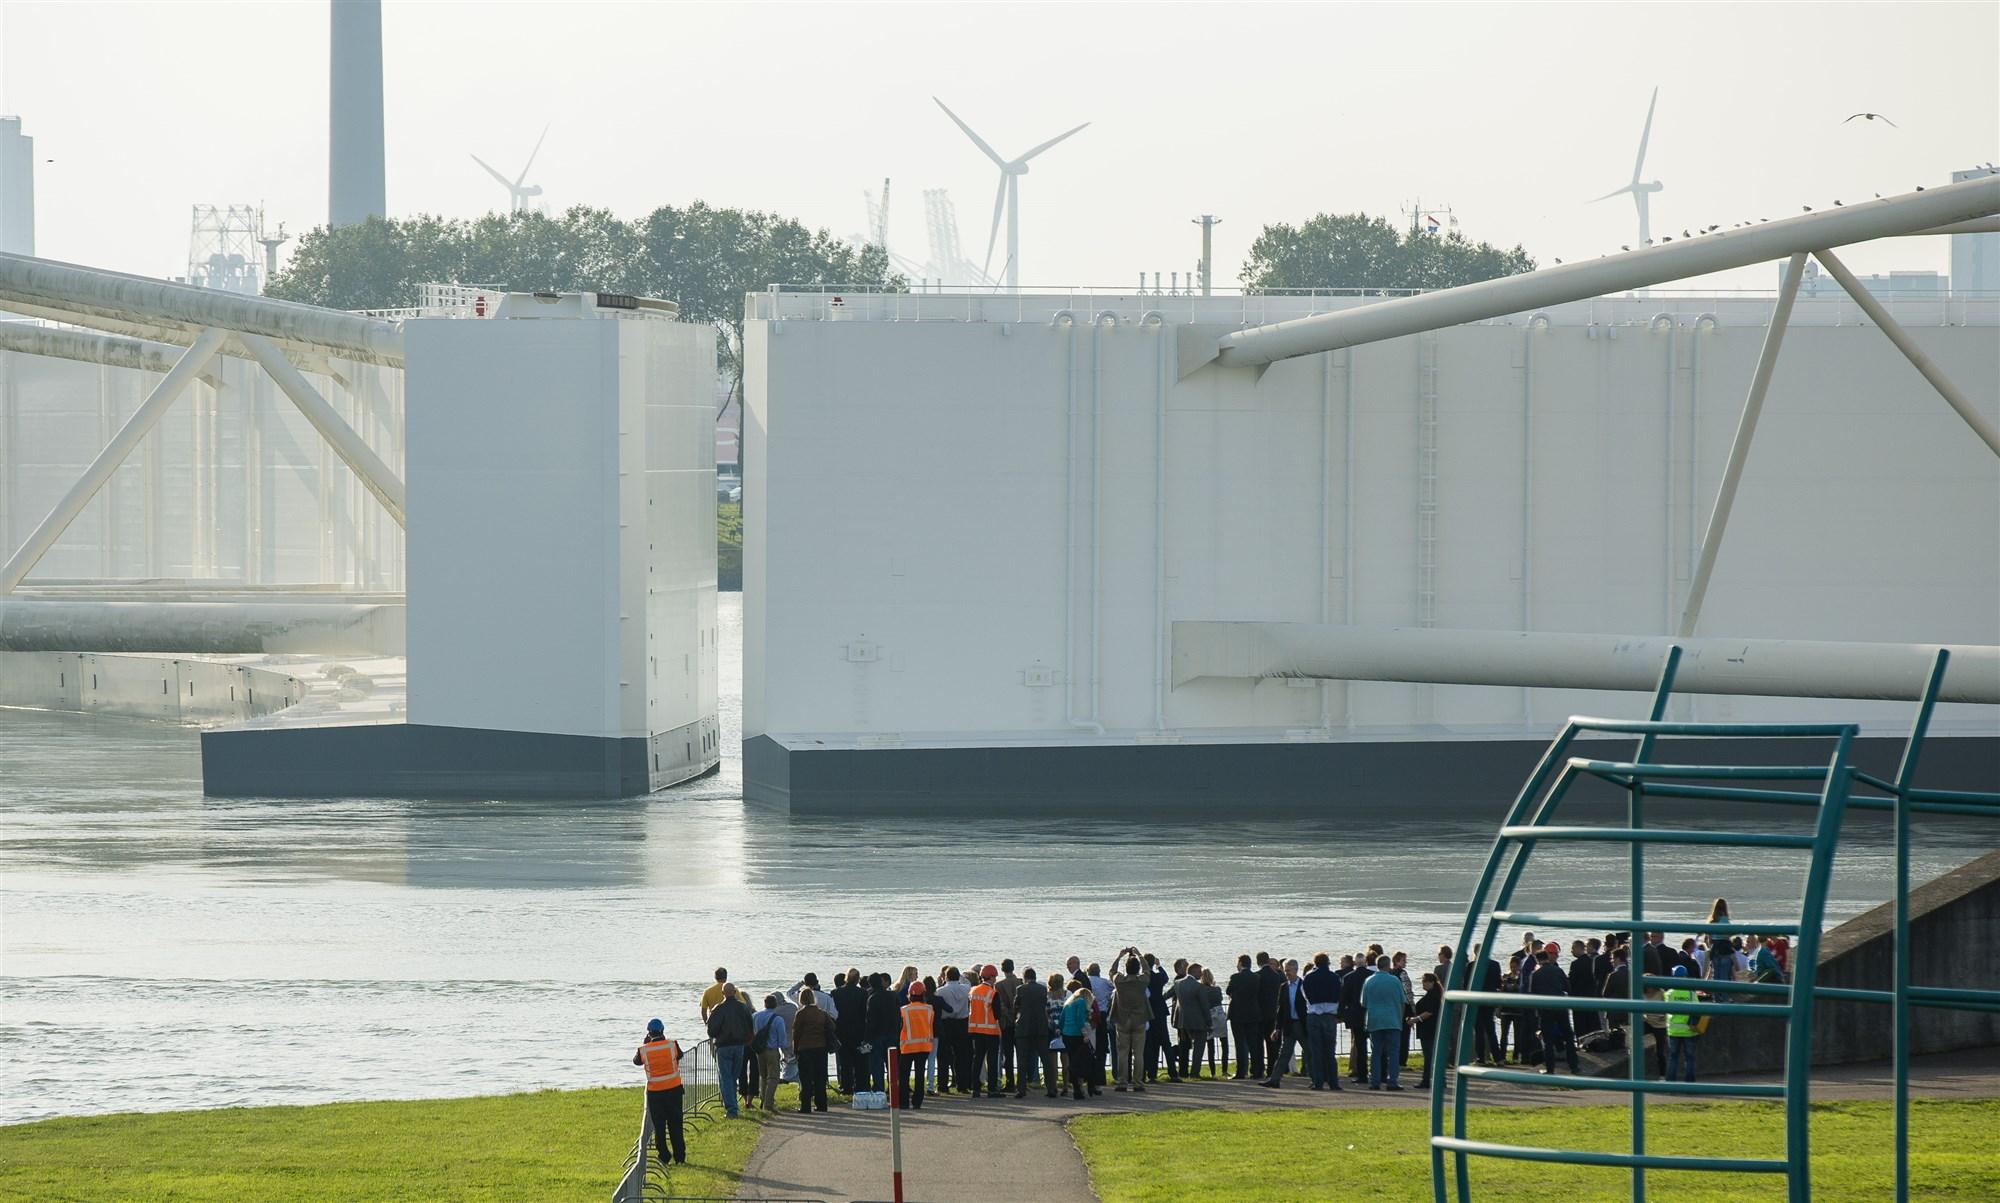 Maeslantkering Hoek van Holland